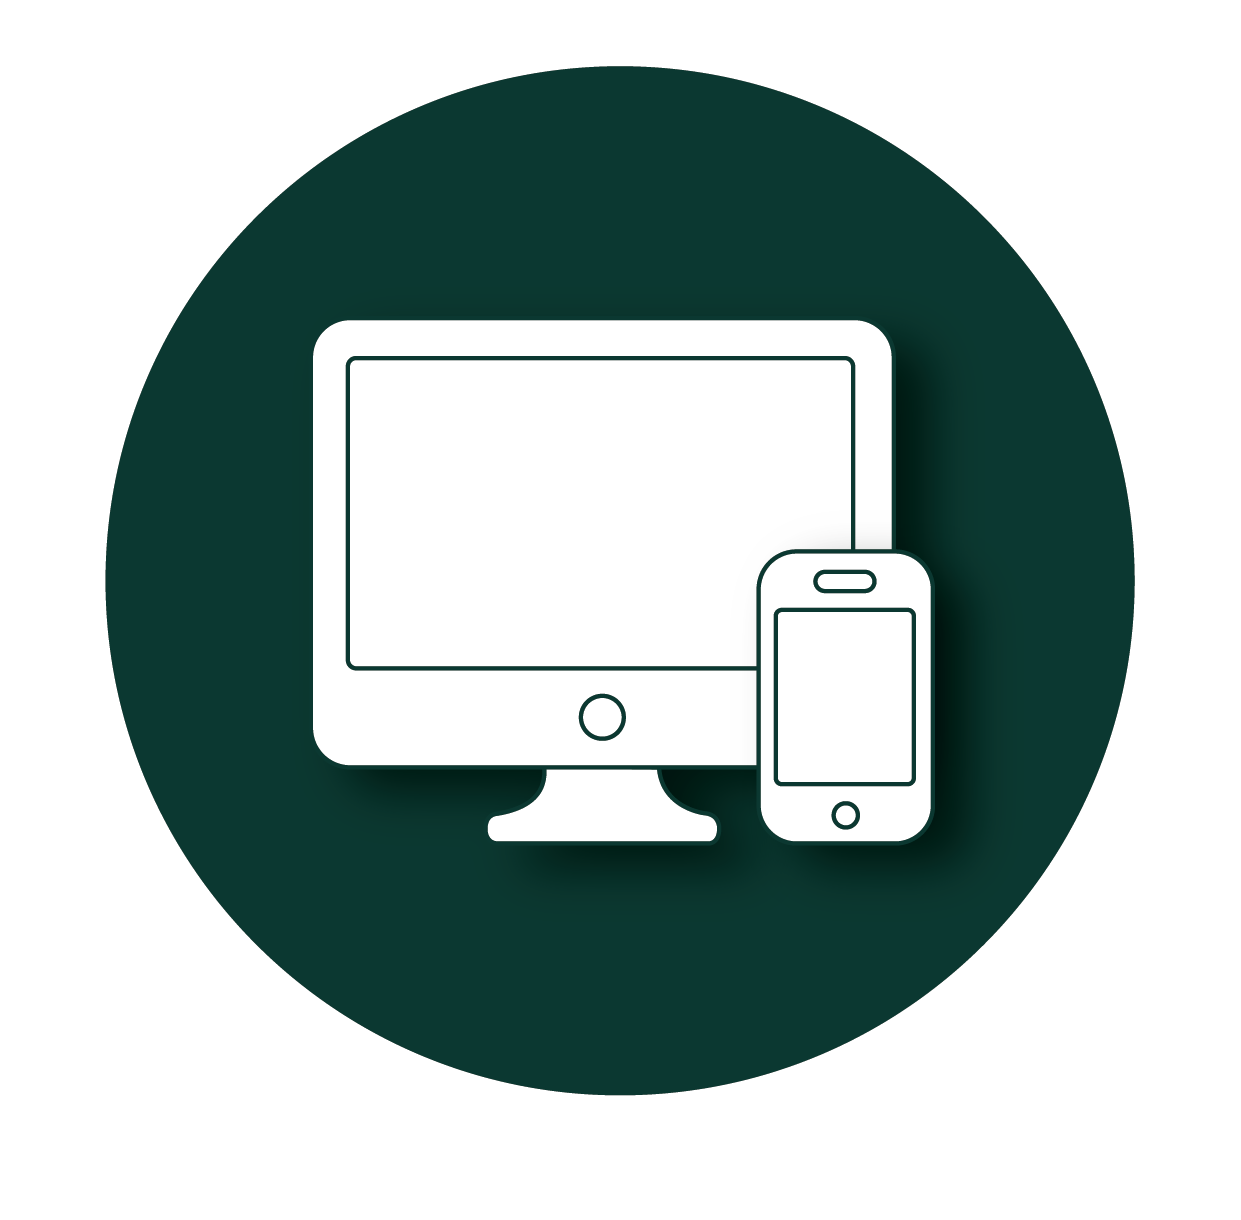 Linsen Media, vormgeving van online en offline media